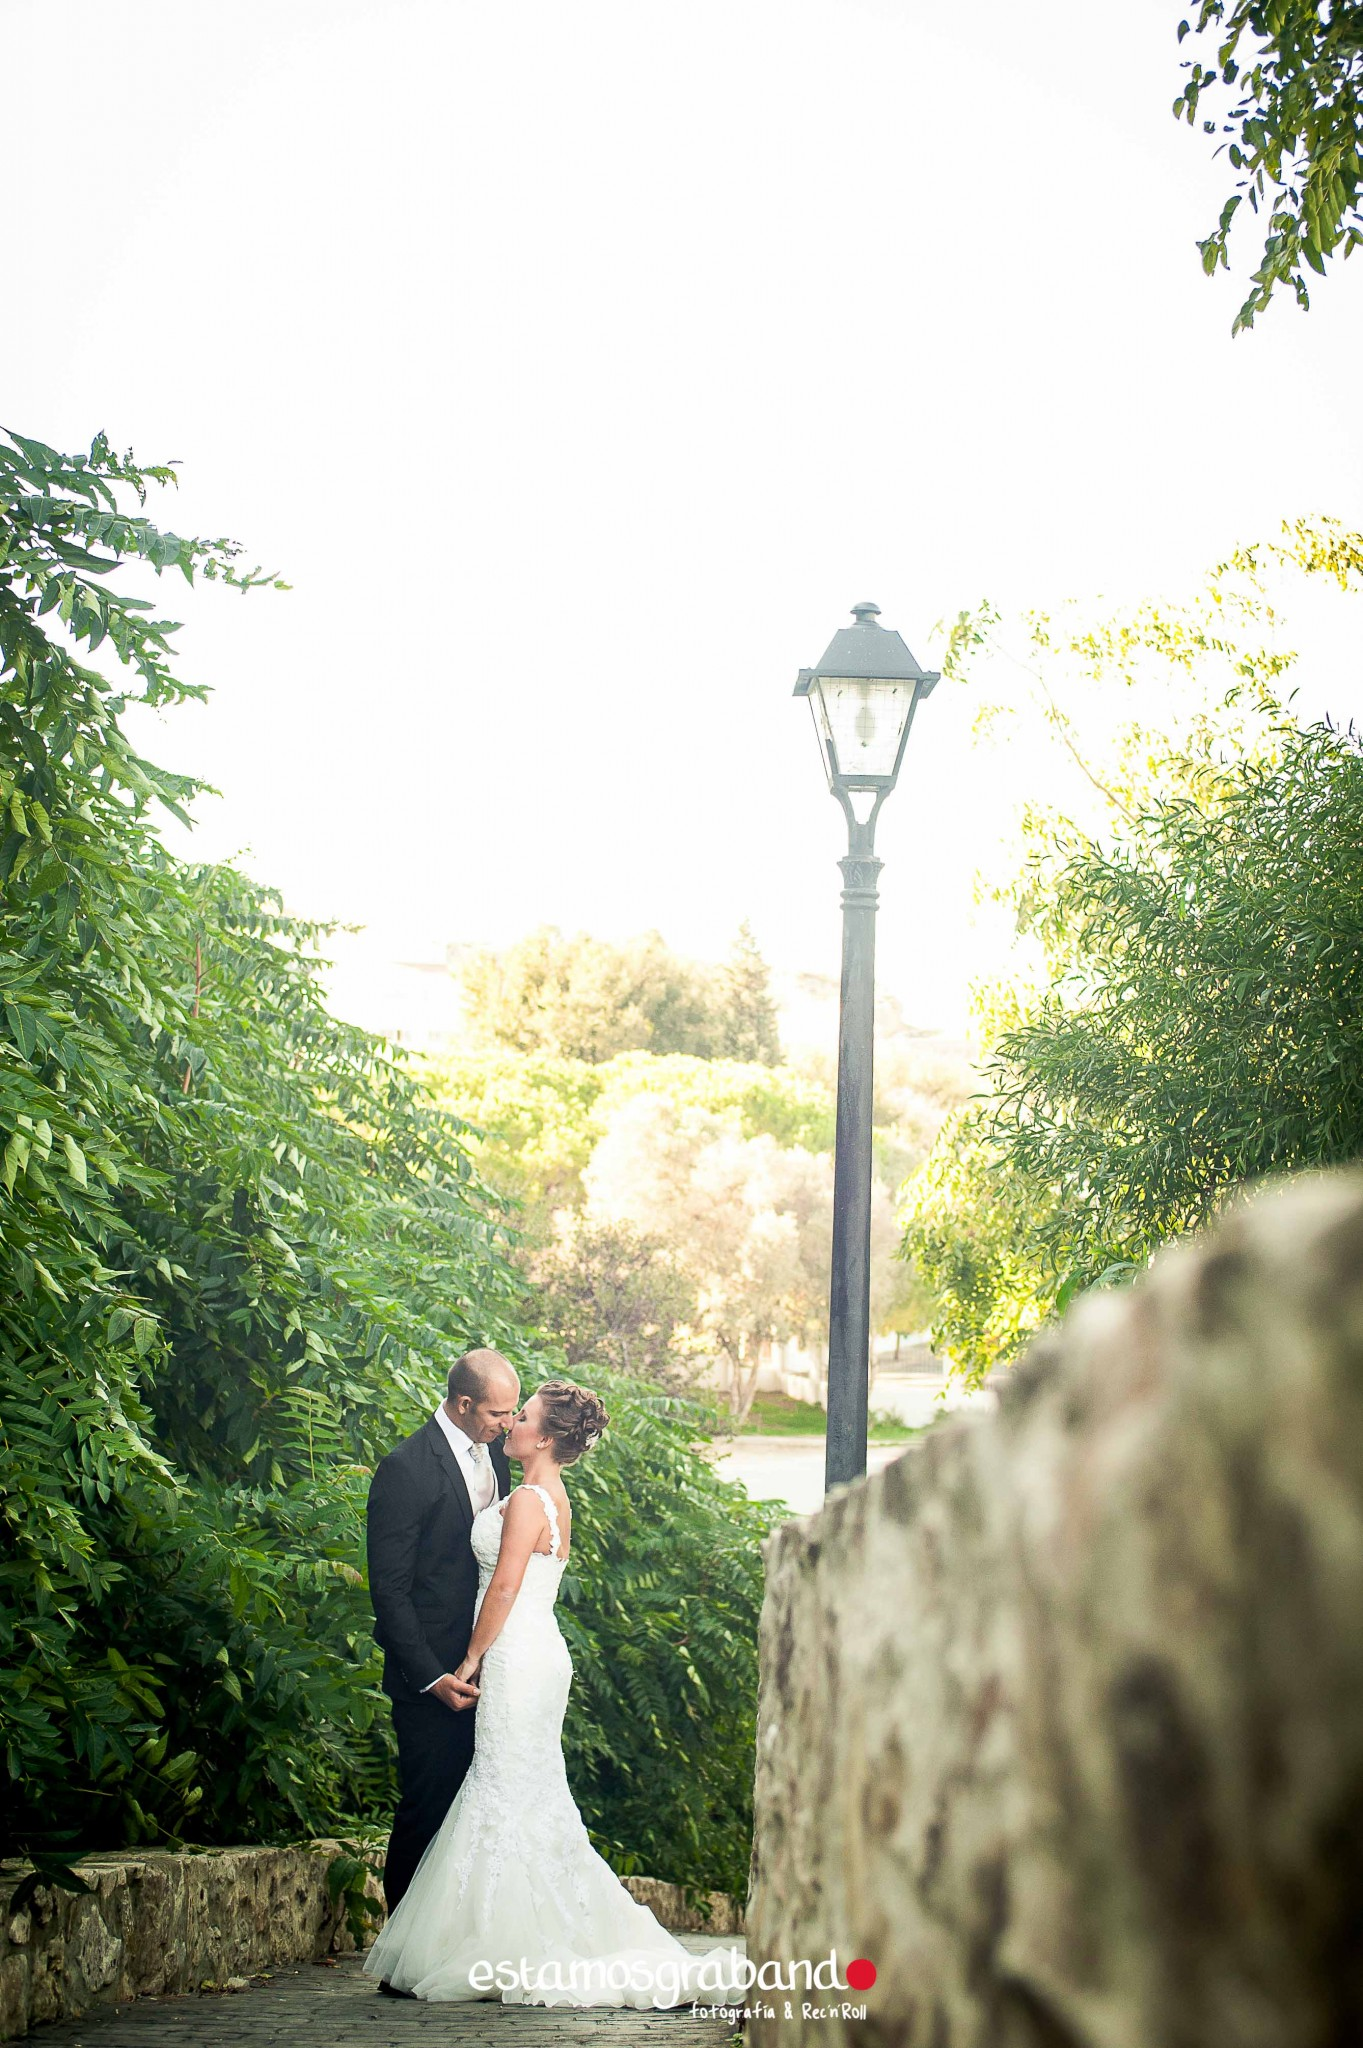 raquel-y-ale_postboda-vejer-6-de-25 Raquel & Ale [Fotografía Postboda en Vejer de la Frontera] - video boda cadiz